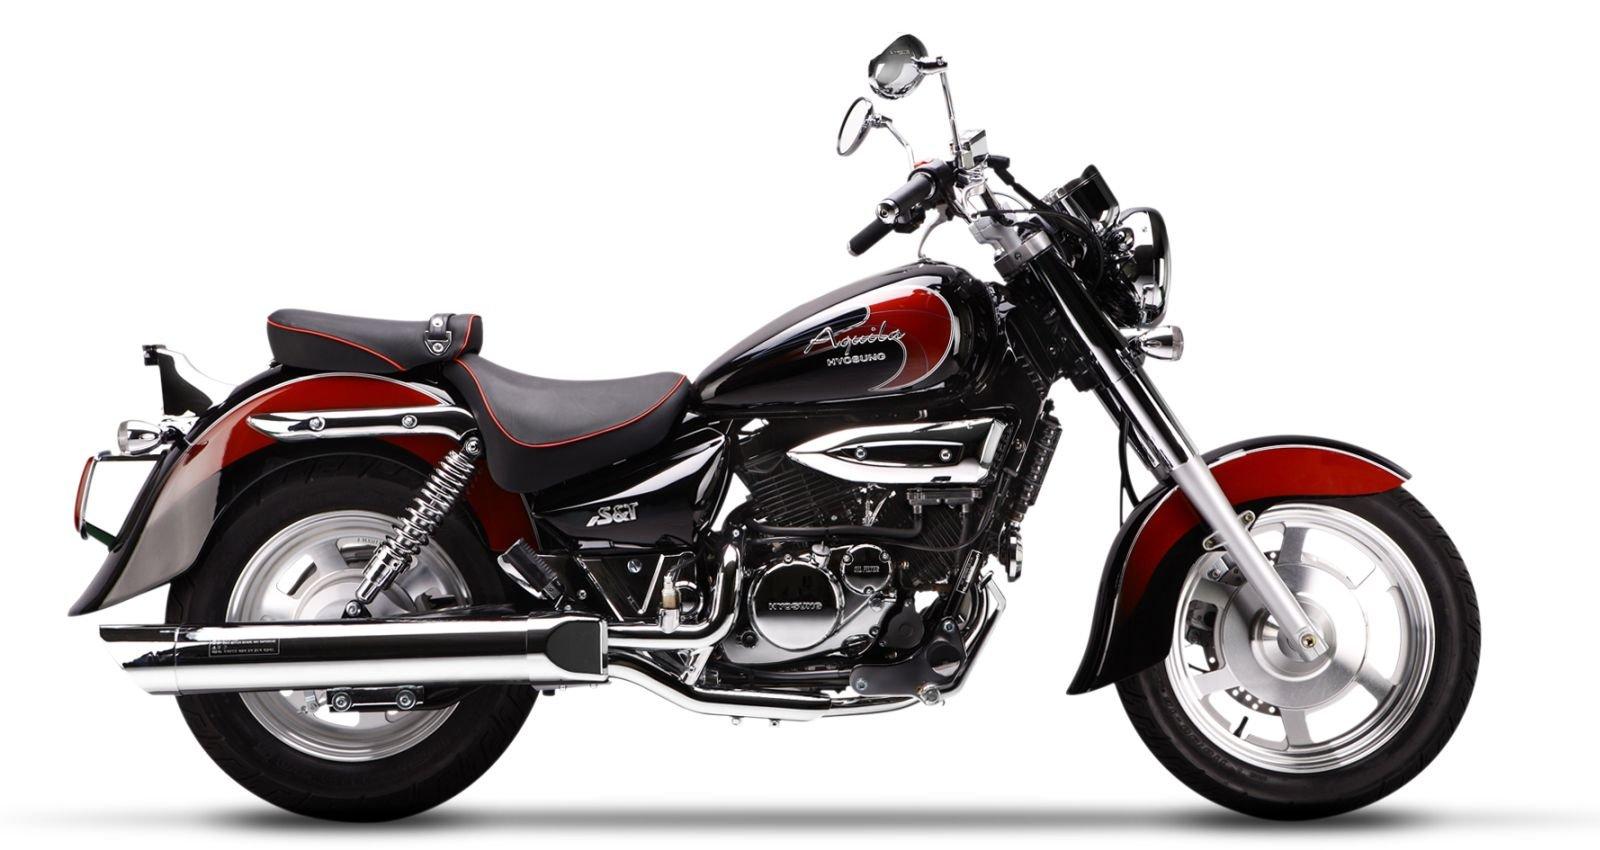 Gebrauchte und neue Hyosung GT 125 R Supersport Motorräder